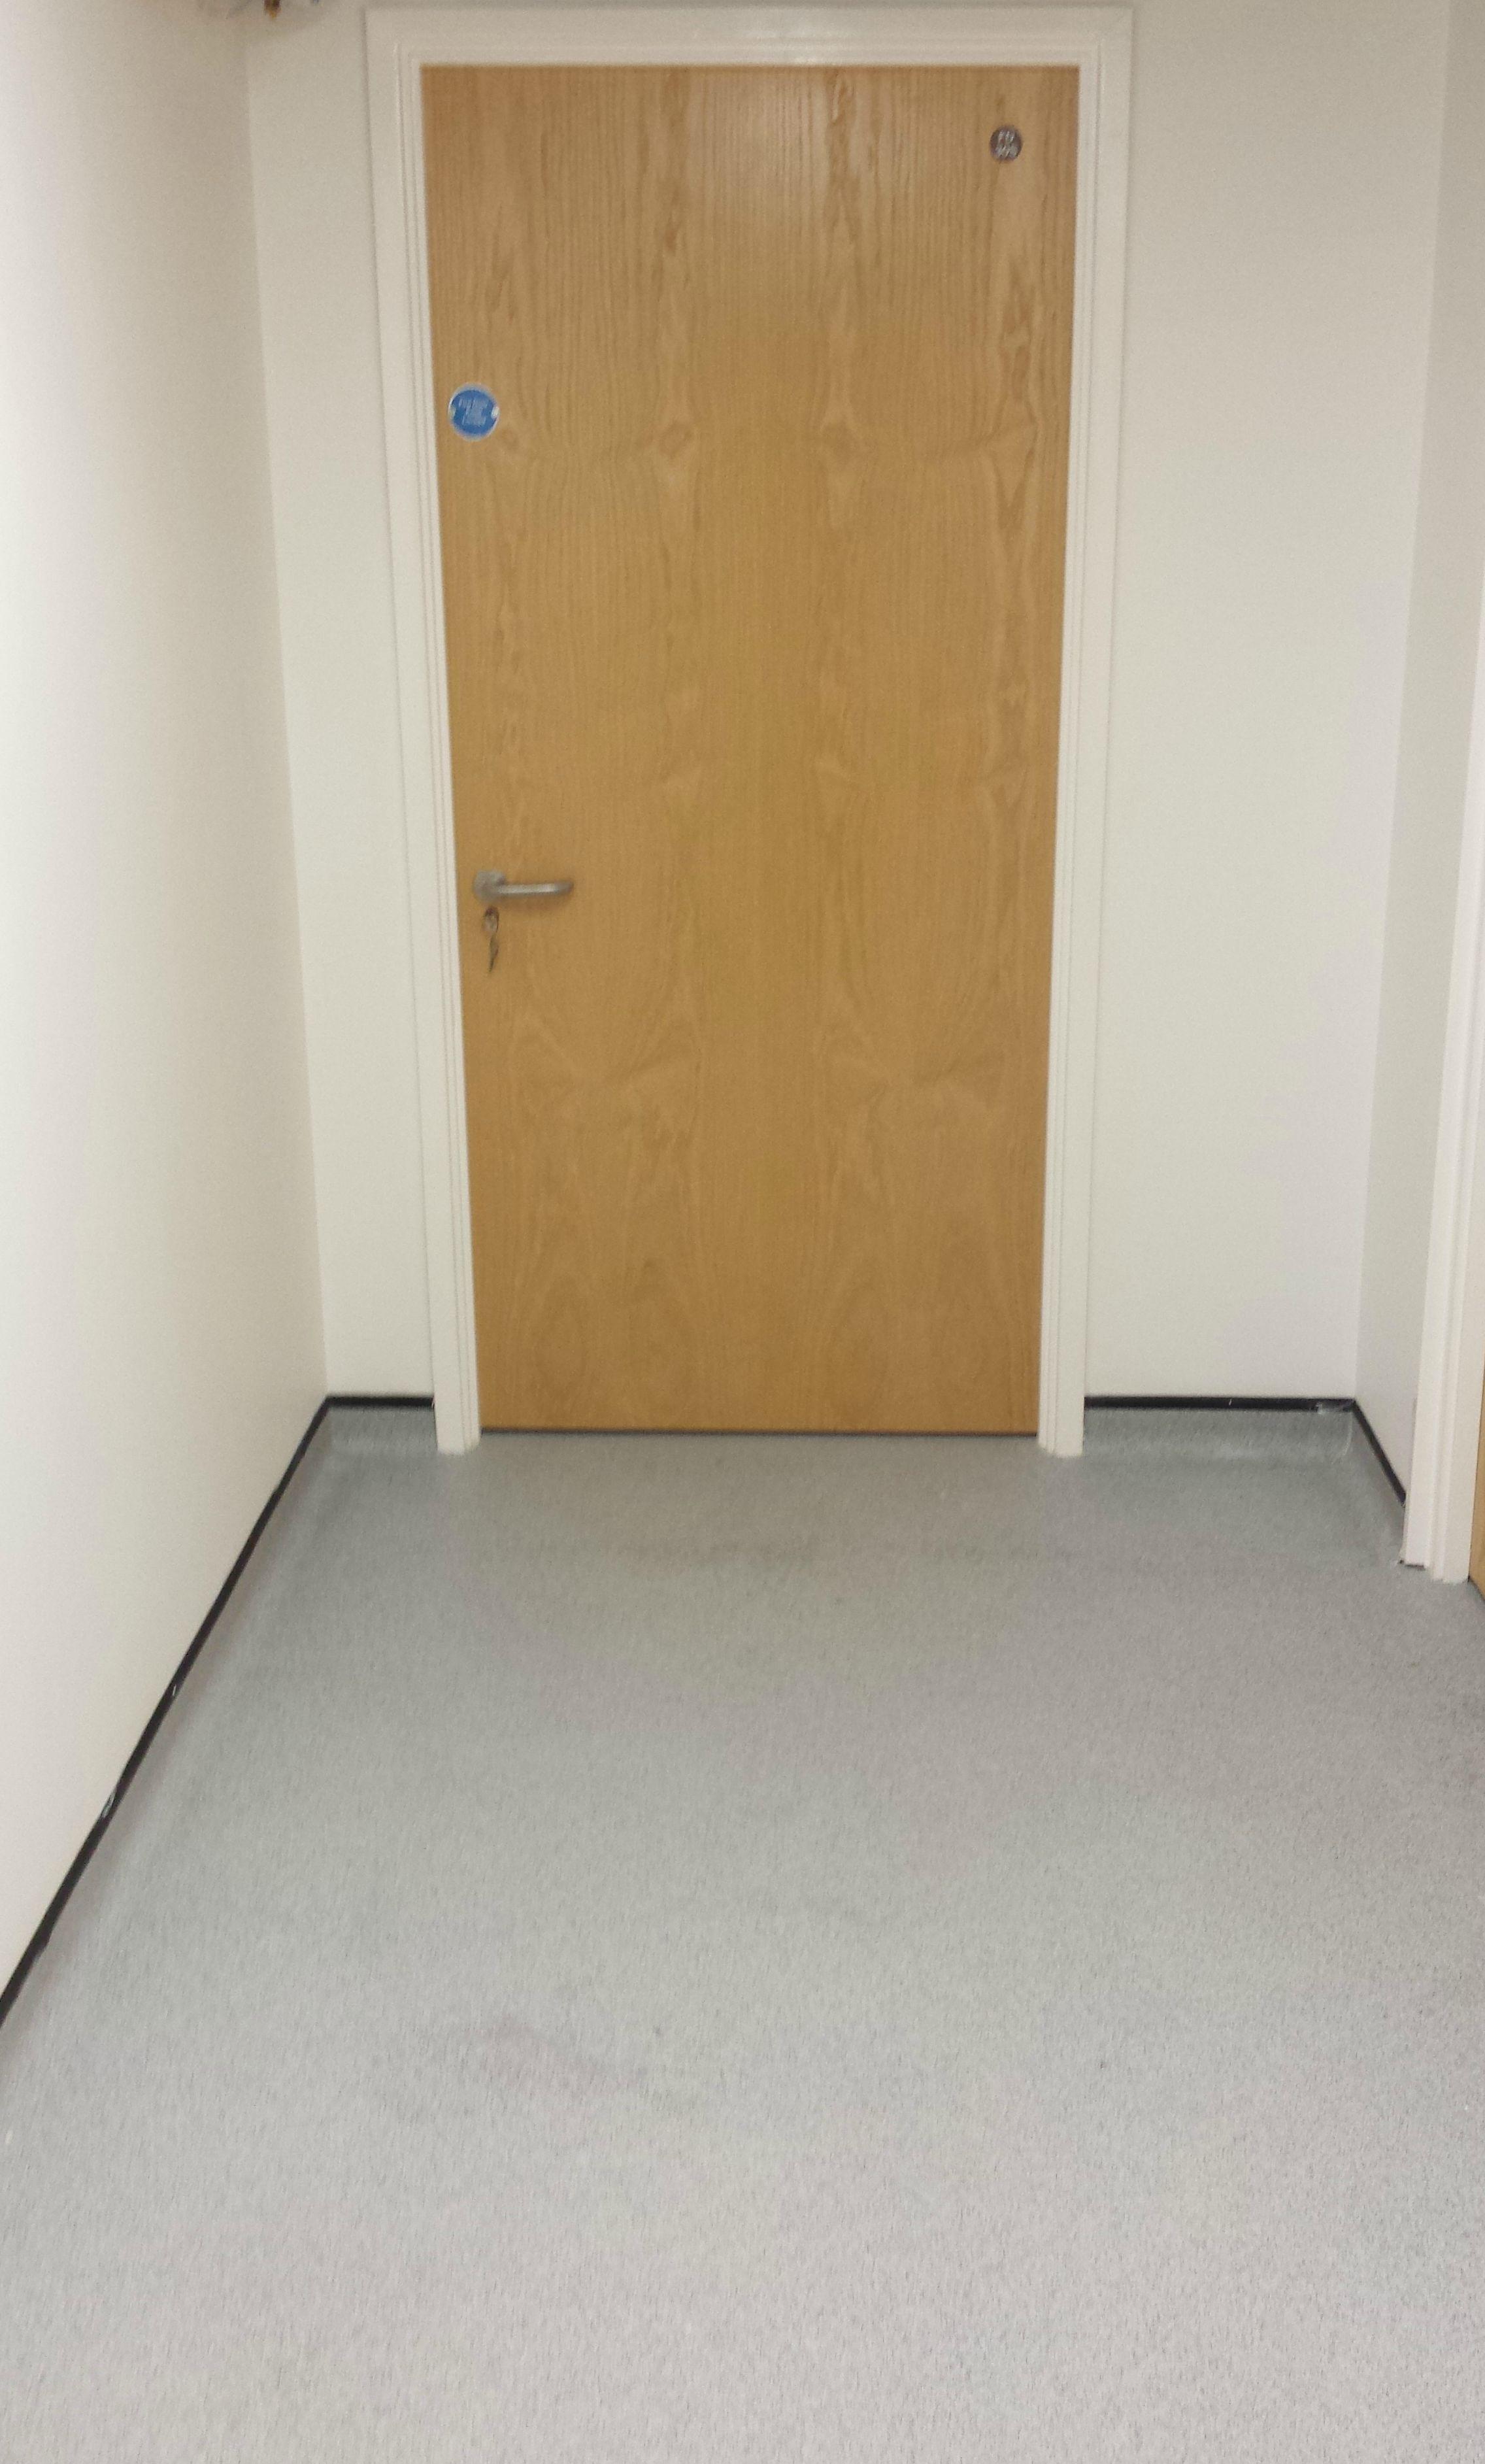 BeFunky_L1 - Corridor.jpg.jpg